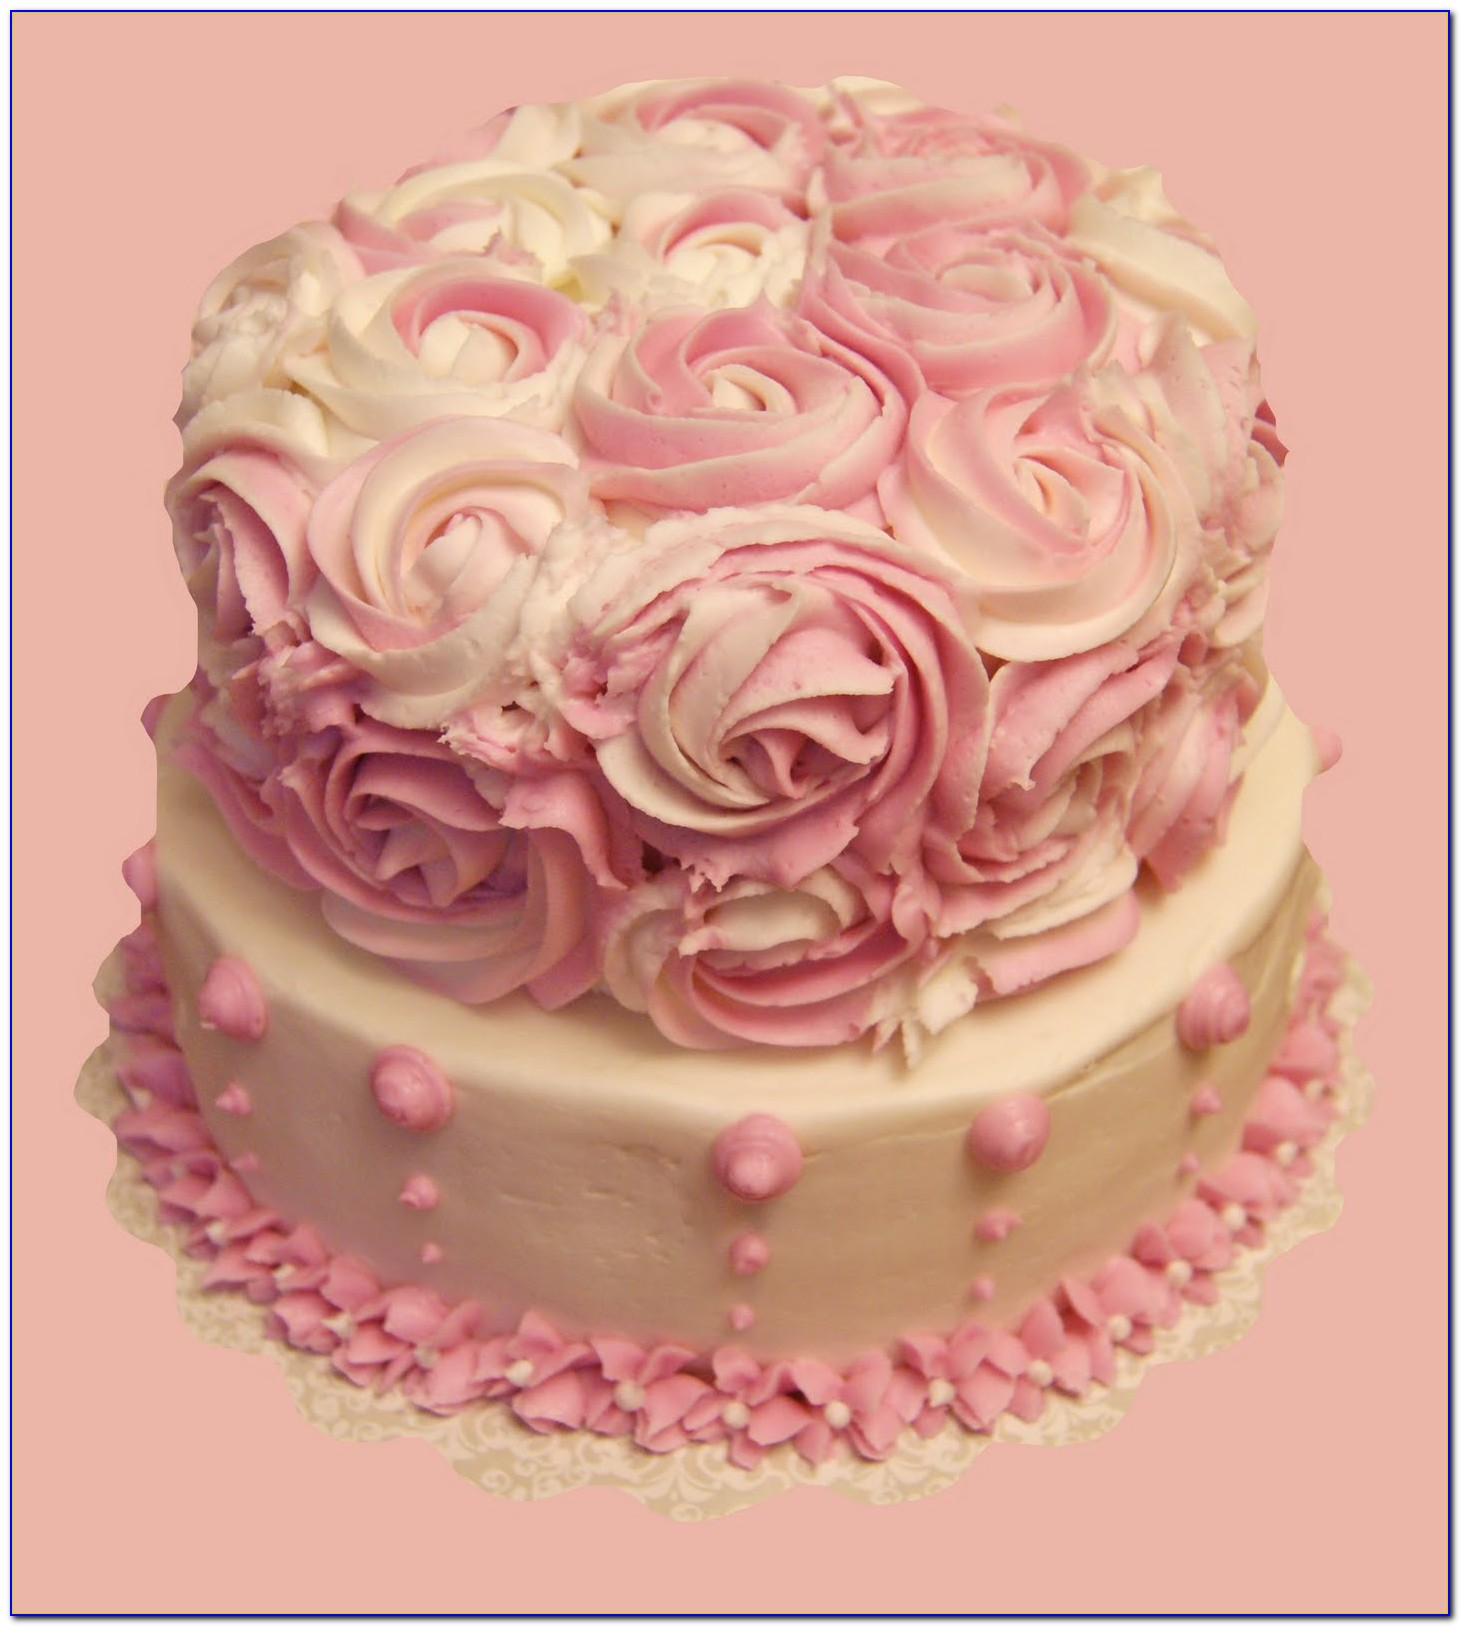 Wilton Cake Decorating Classes Ac Moore